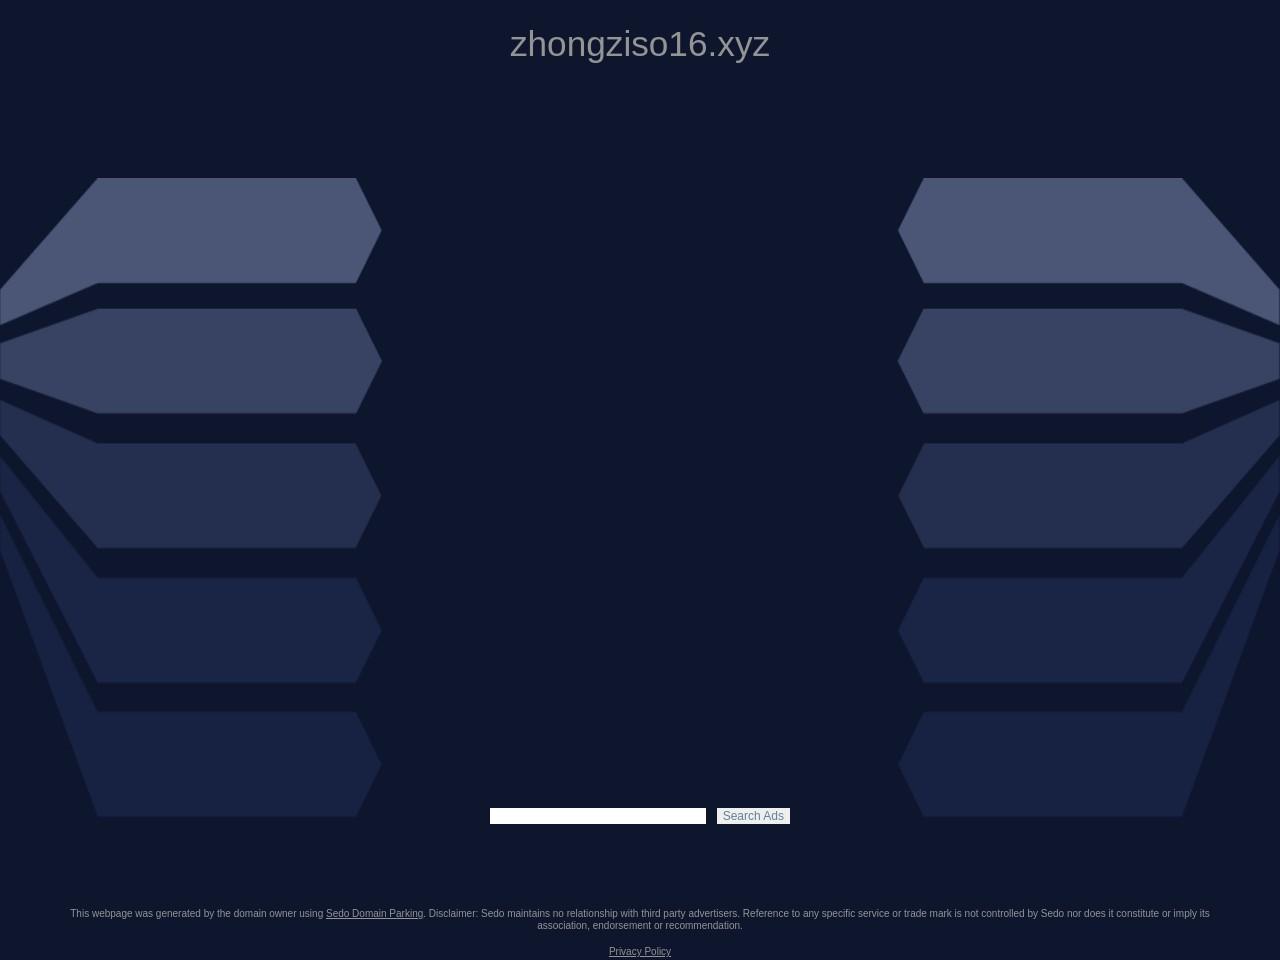 种子搜_种子帝 - DHT搜索引擎,BT种子搜索神器,磁力链接搜索引擎